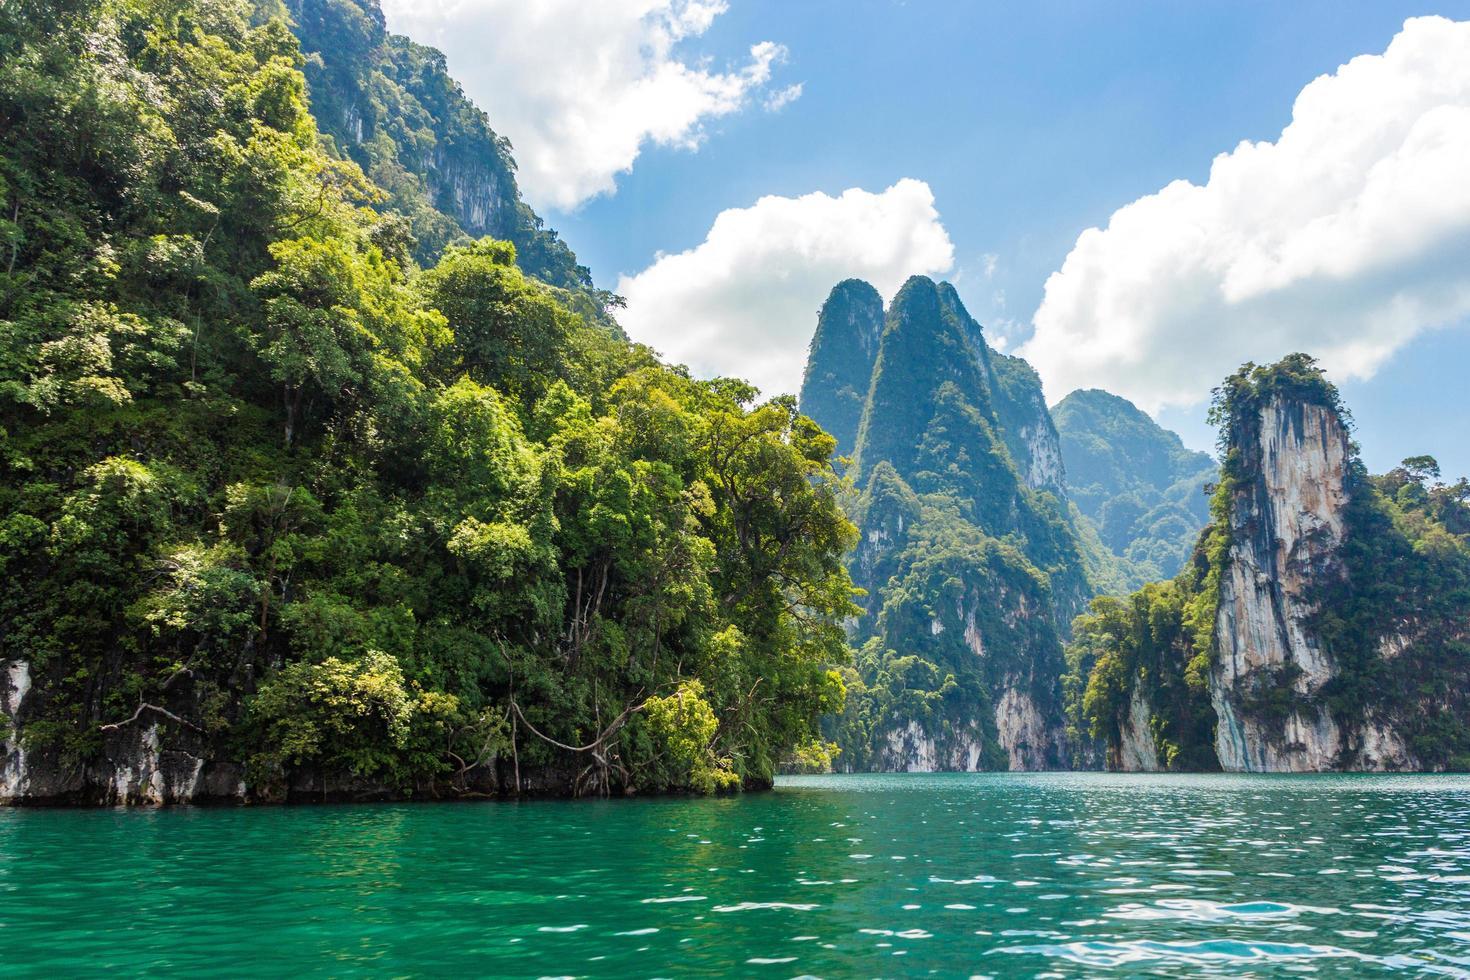 montañas y lago con cielo azul nublado foto